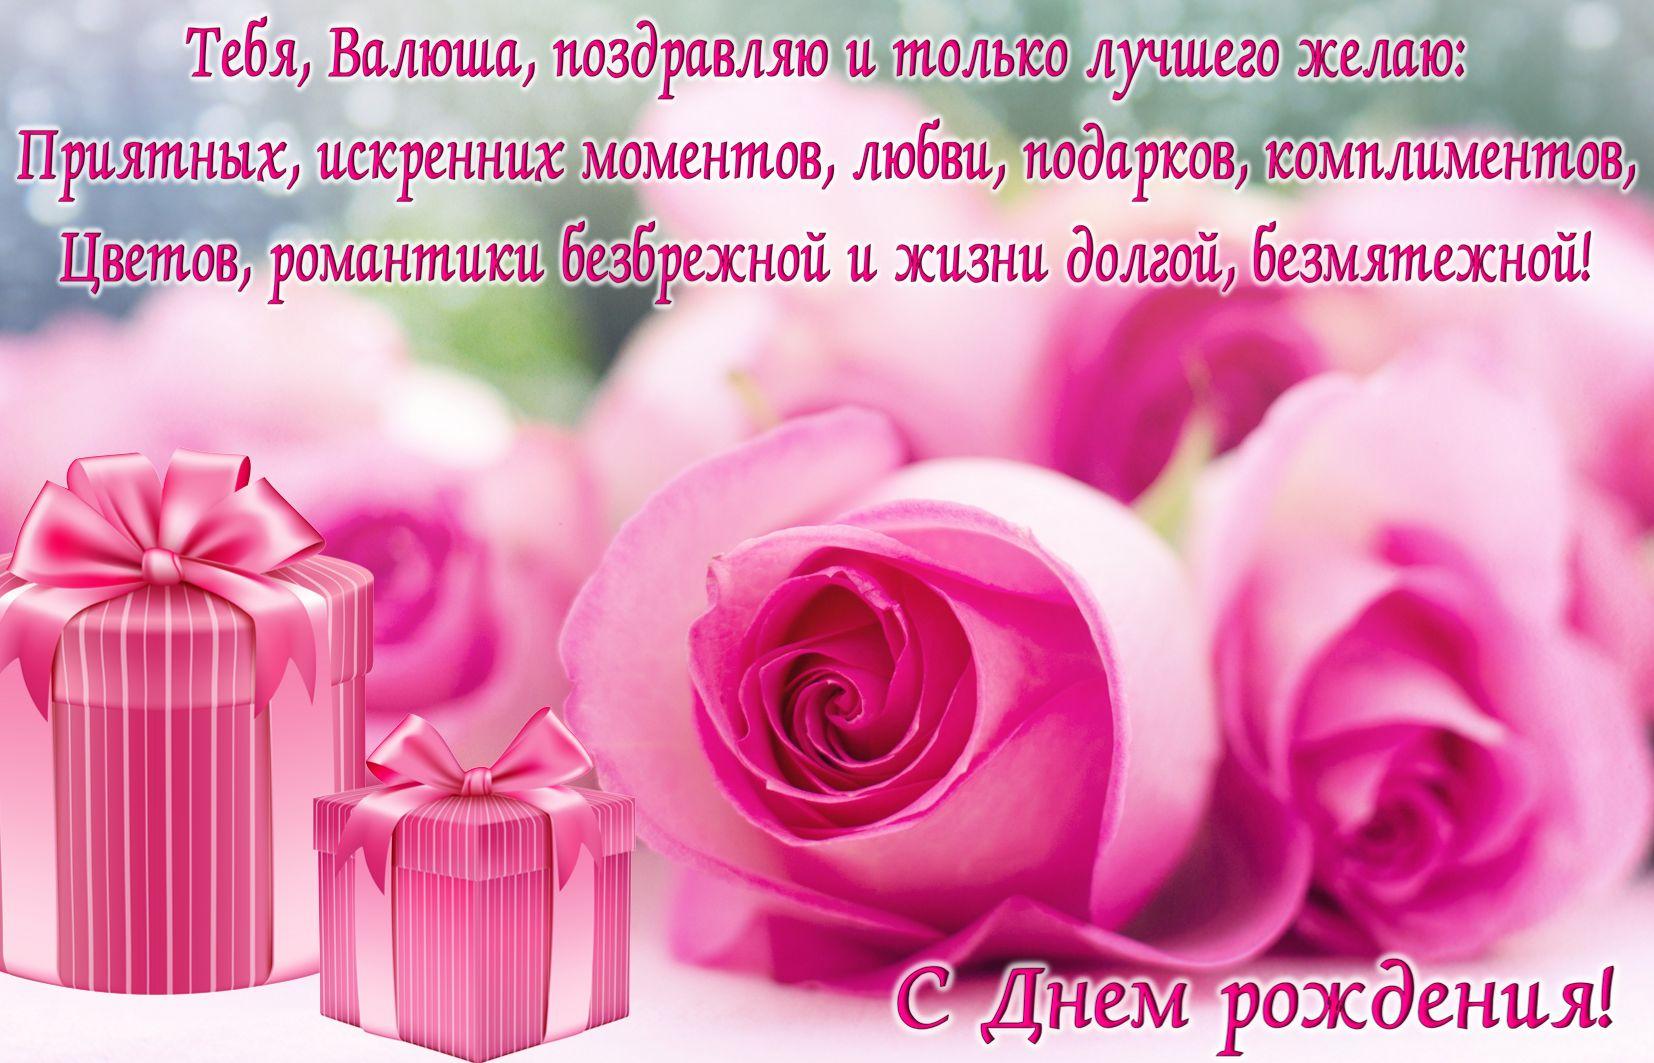 Подарки и розы Валюше на День рождения